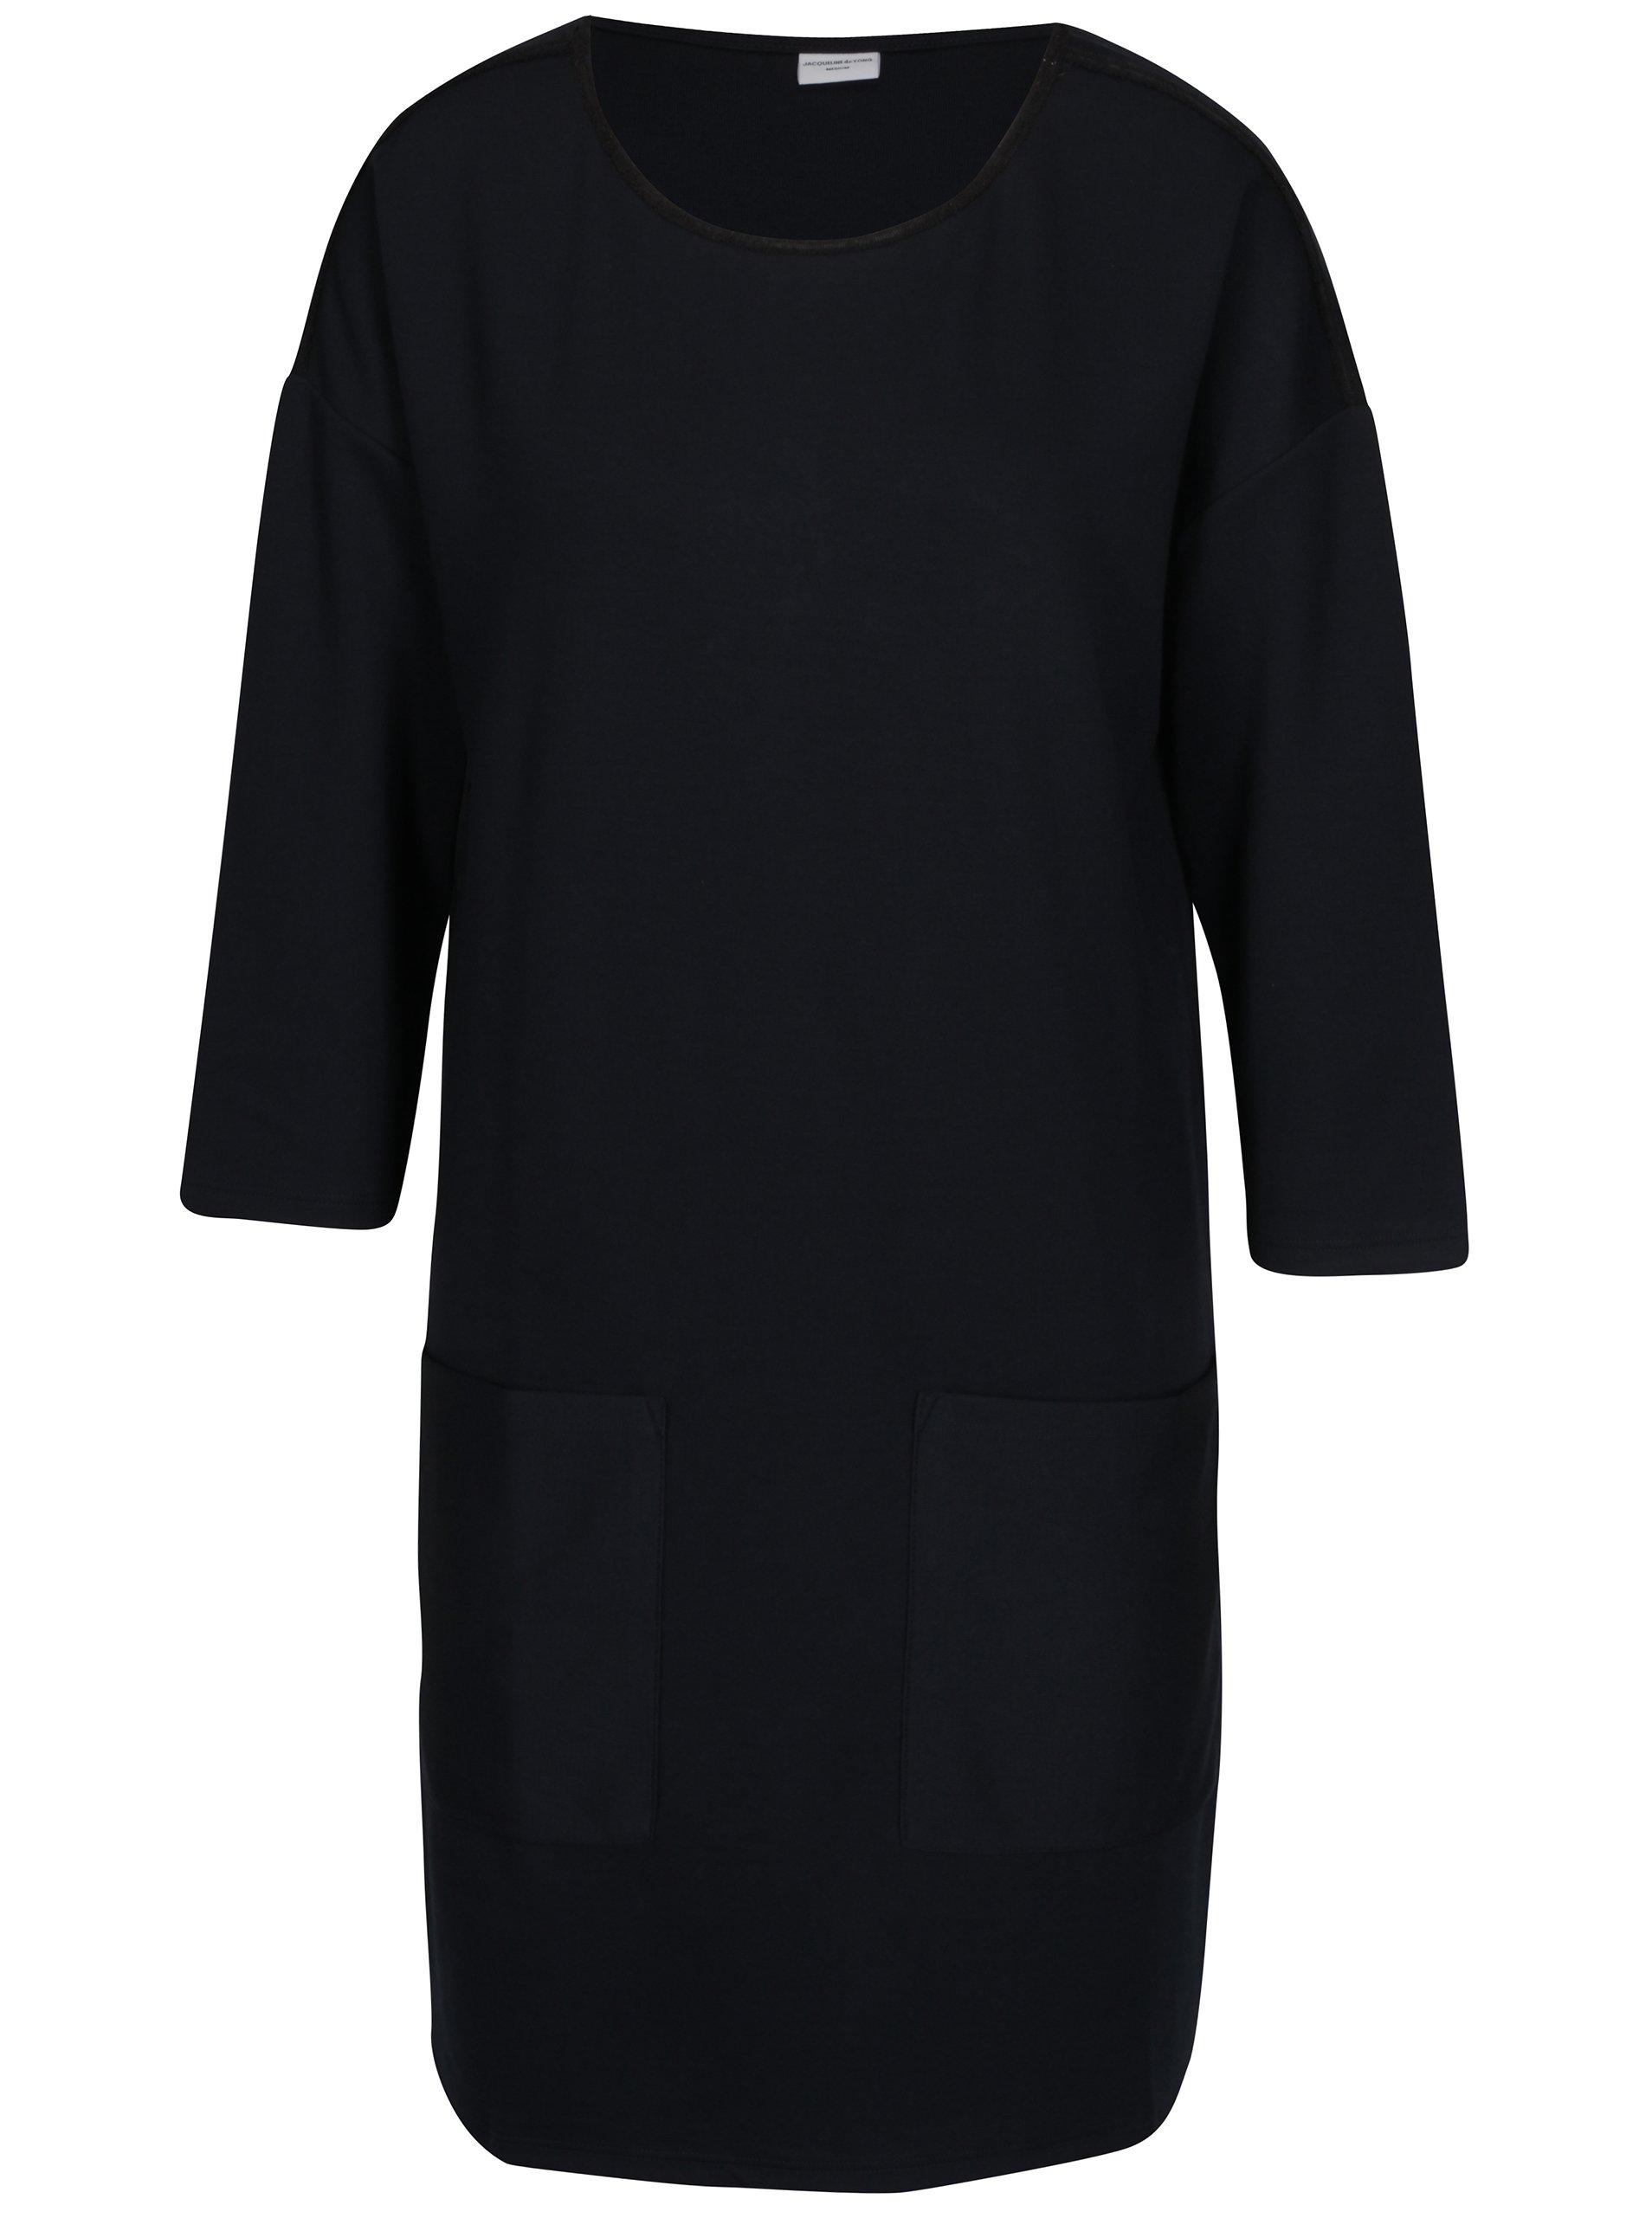 Tmavomodré šaty s 3/4 rukávom Jacqueline de Yong Agnes